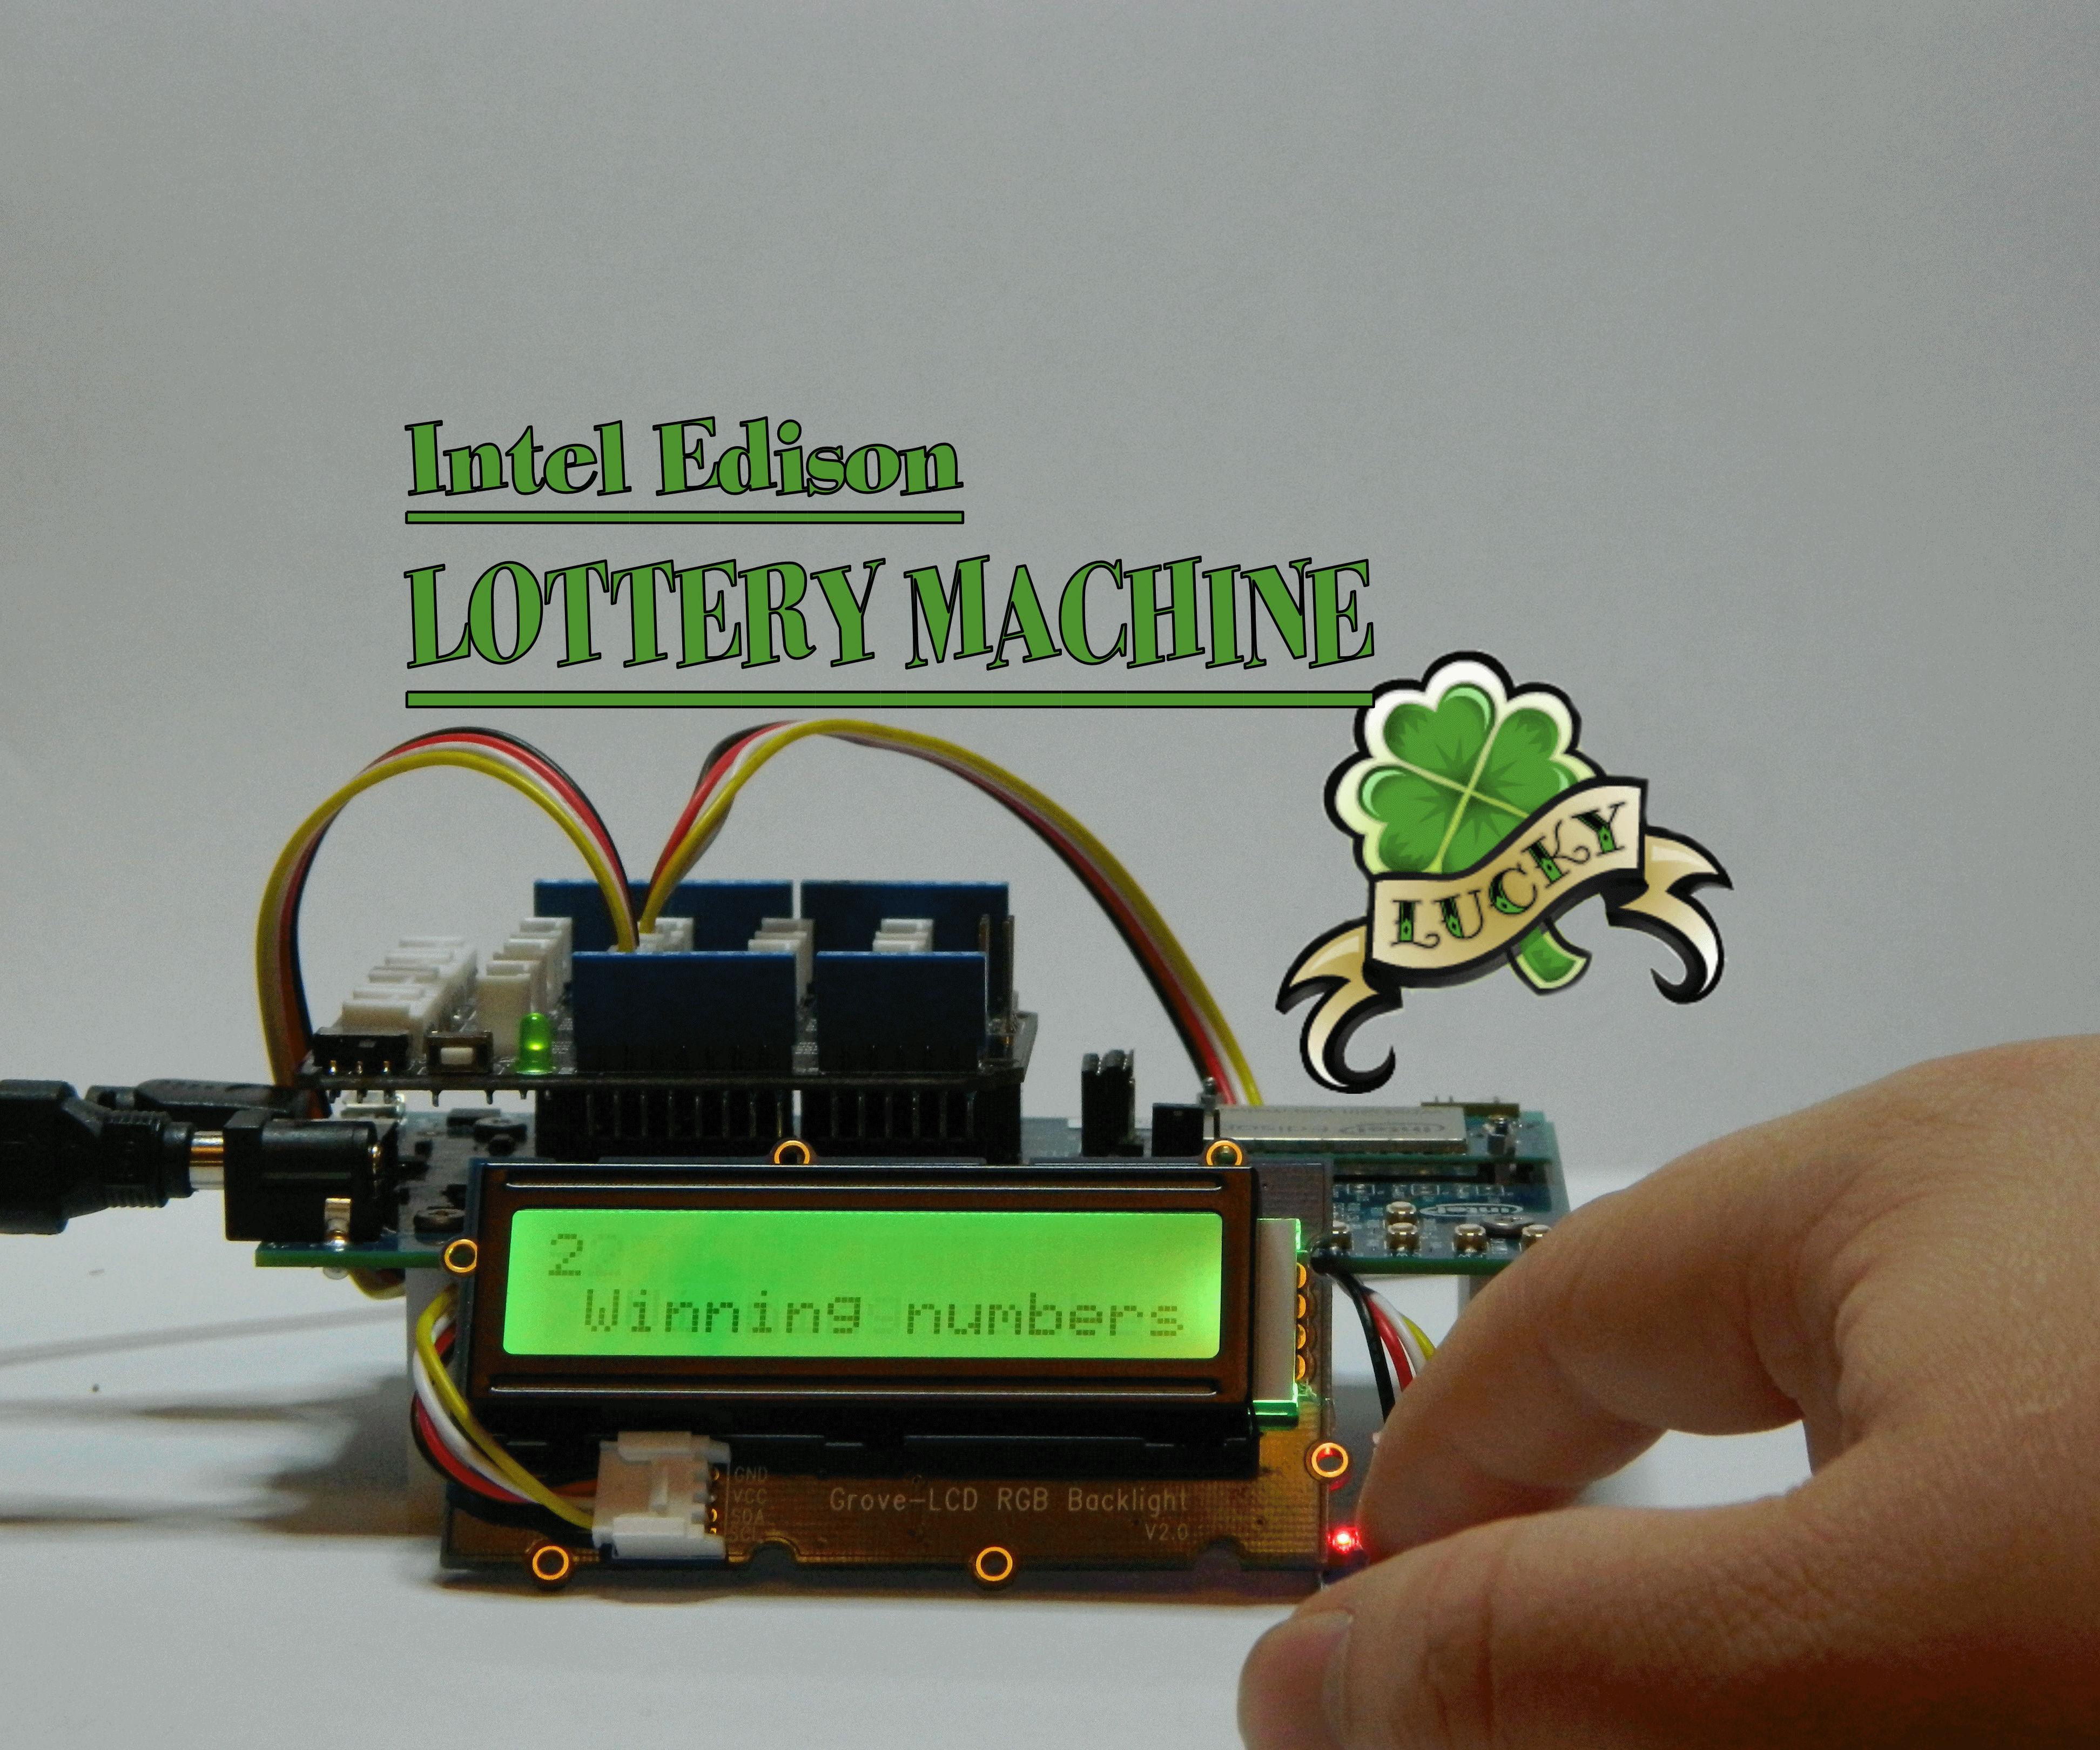 Lottery Machine